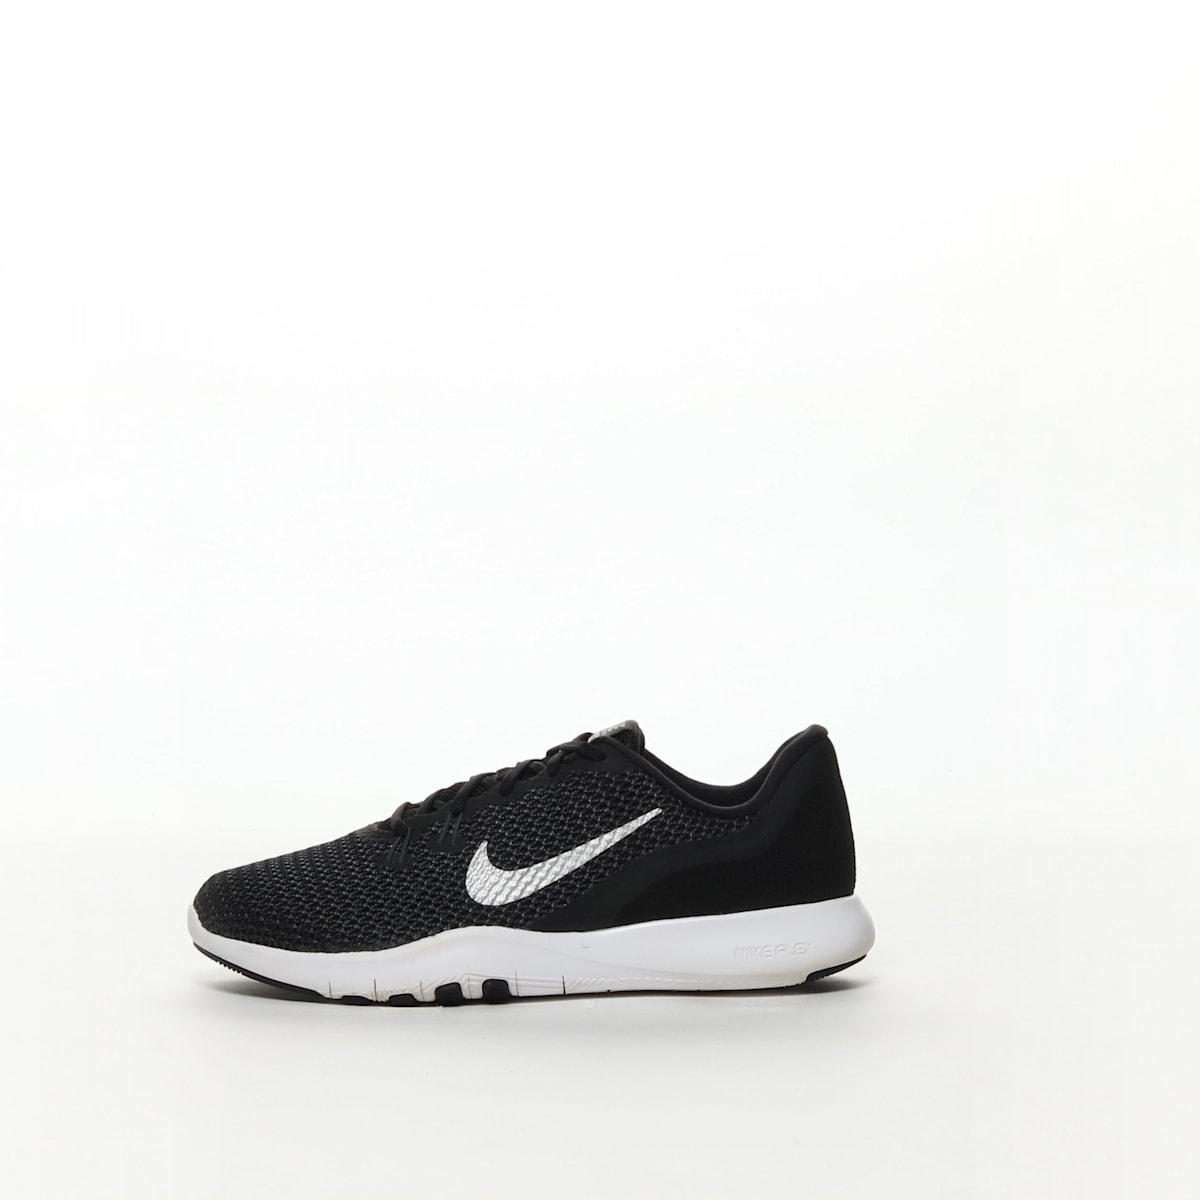 e3354a6cad4c61 Women s Nike Flex TR 7 Training Shoe - BLACK M SILV – Resku